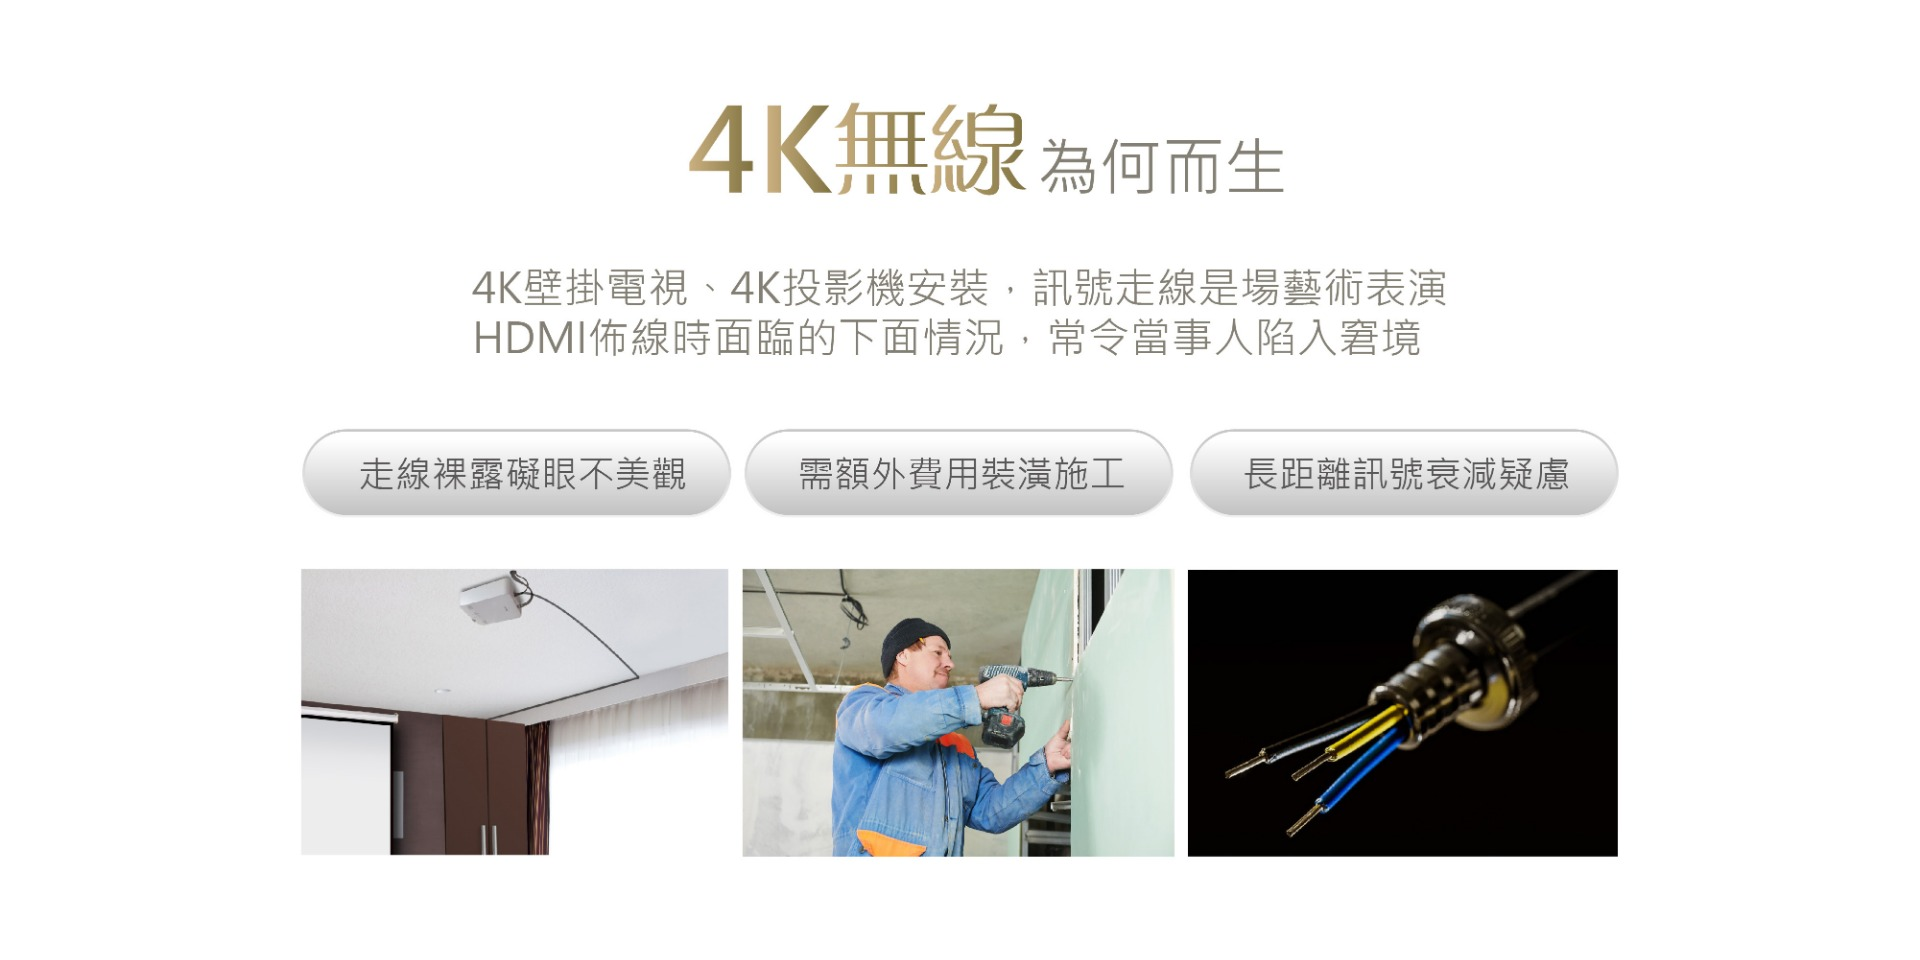 proimages/product/Wireless/WTR-4K/WTR-4K_05_resized.jpg